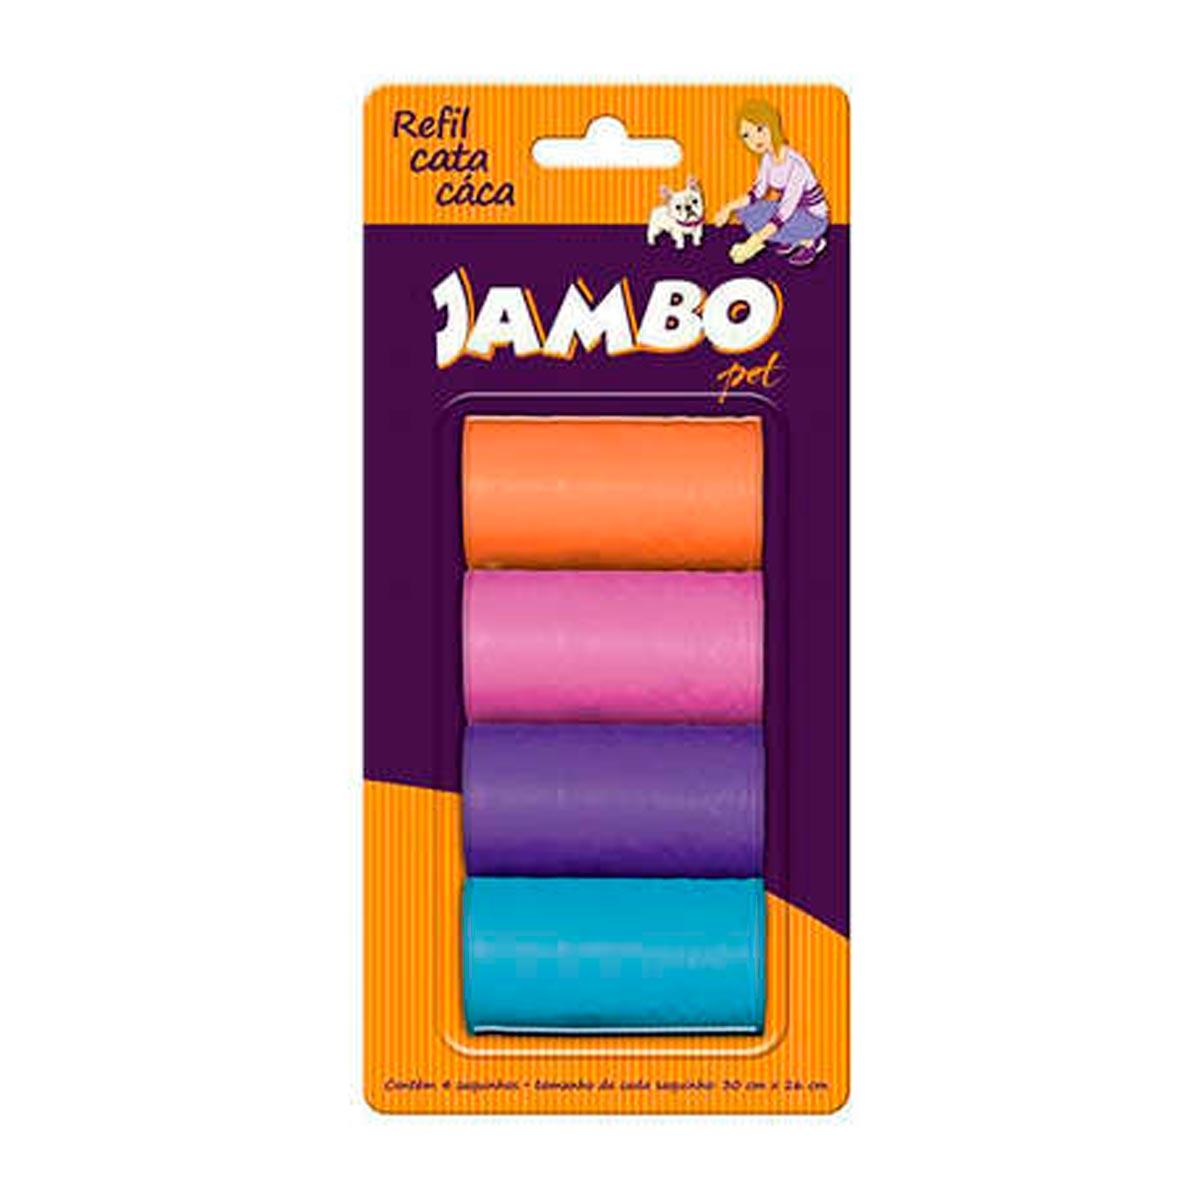 Refil Cata Caca Sortido com 4 Rolos Jambo